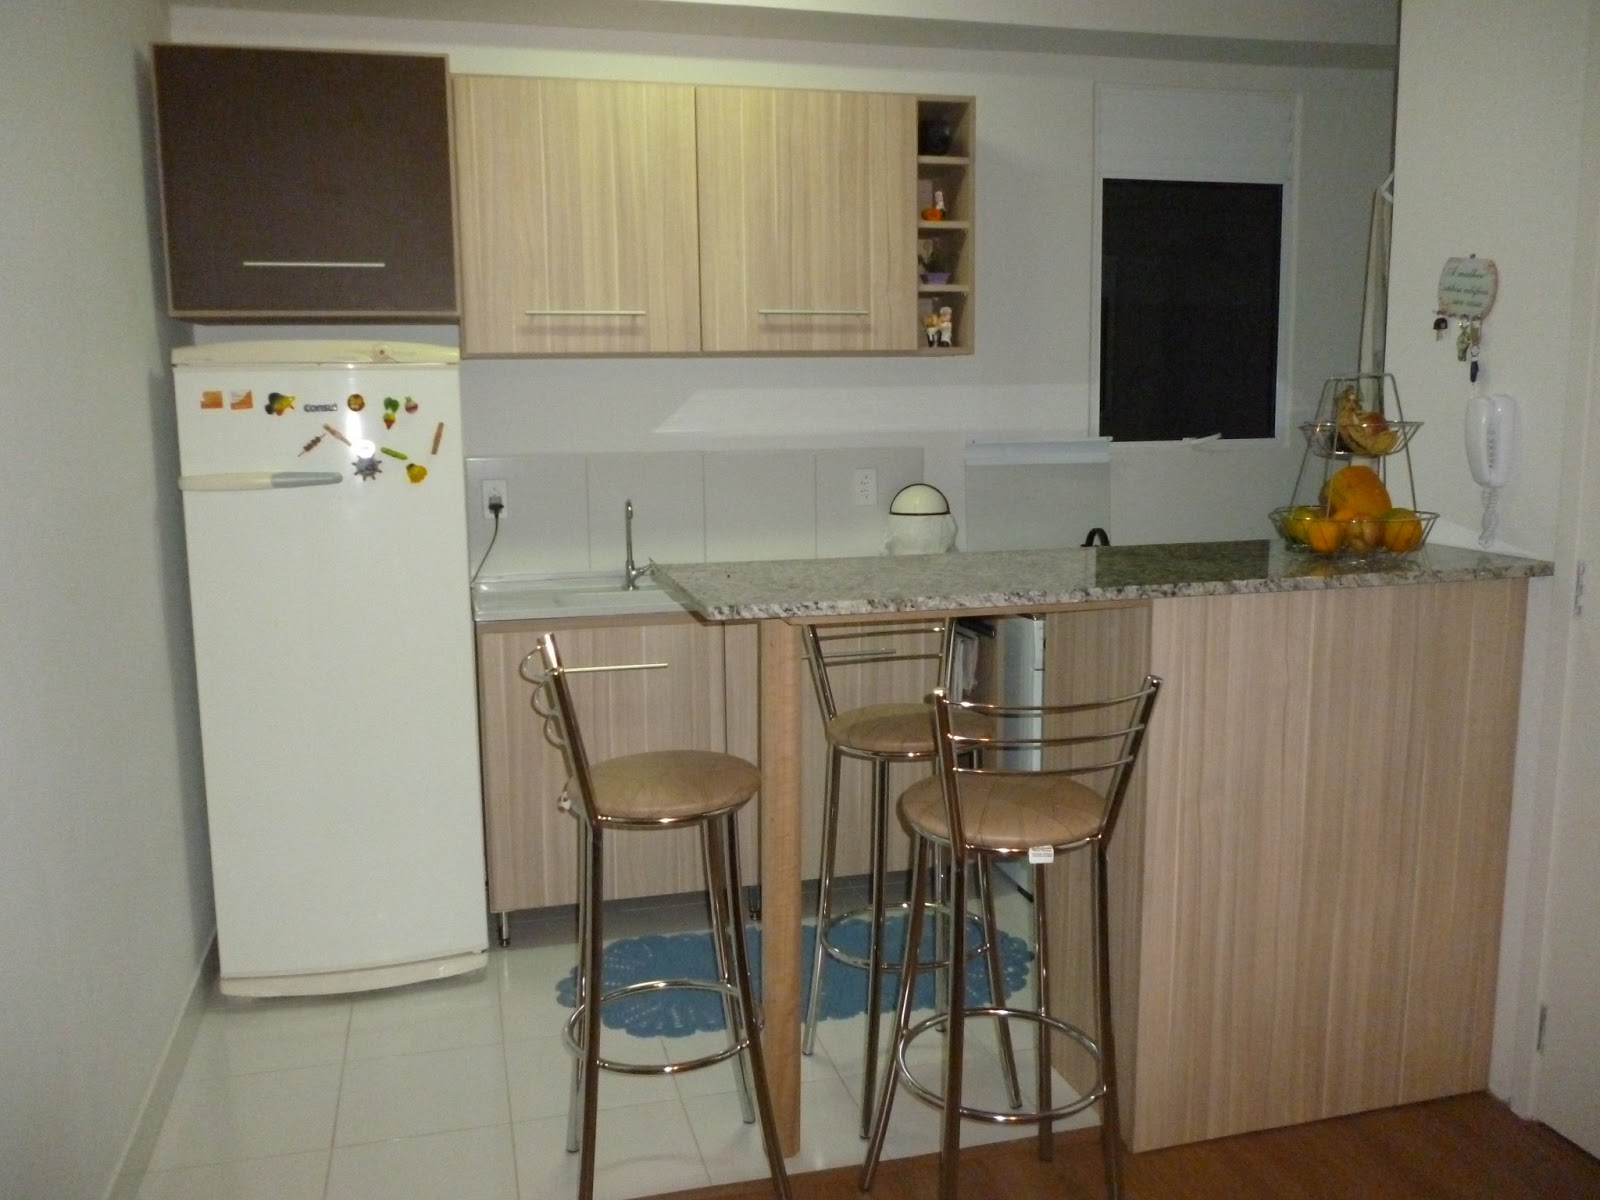 Bancada Cozinha Sala Beyato Com V Rios Desenhos Sobre Id Ias  ~ Bancada Divisoria Sala Cozinha